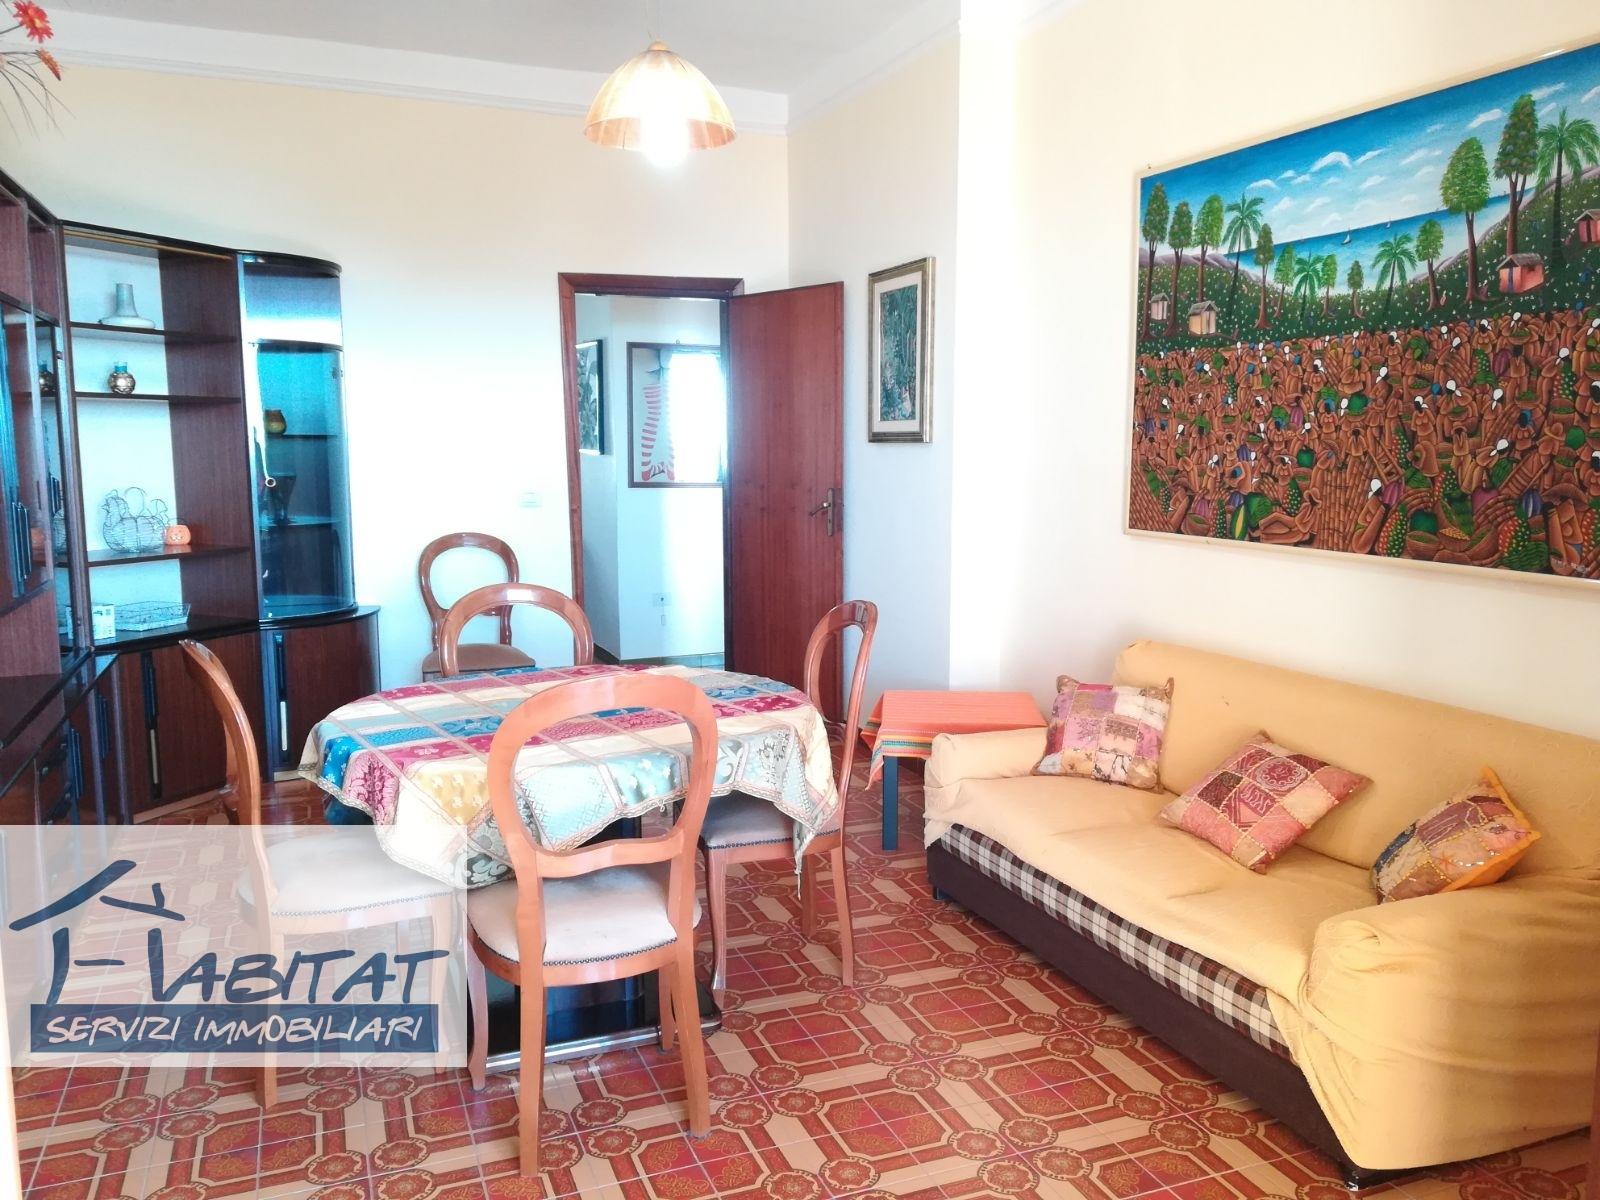 Appartamento in vendita a Agrigento, 5 locali, zona Località: SanLeone, Trattative riservate   CambioCasa.it